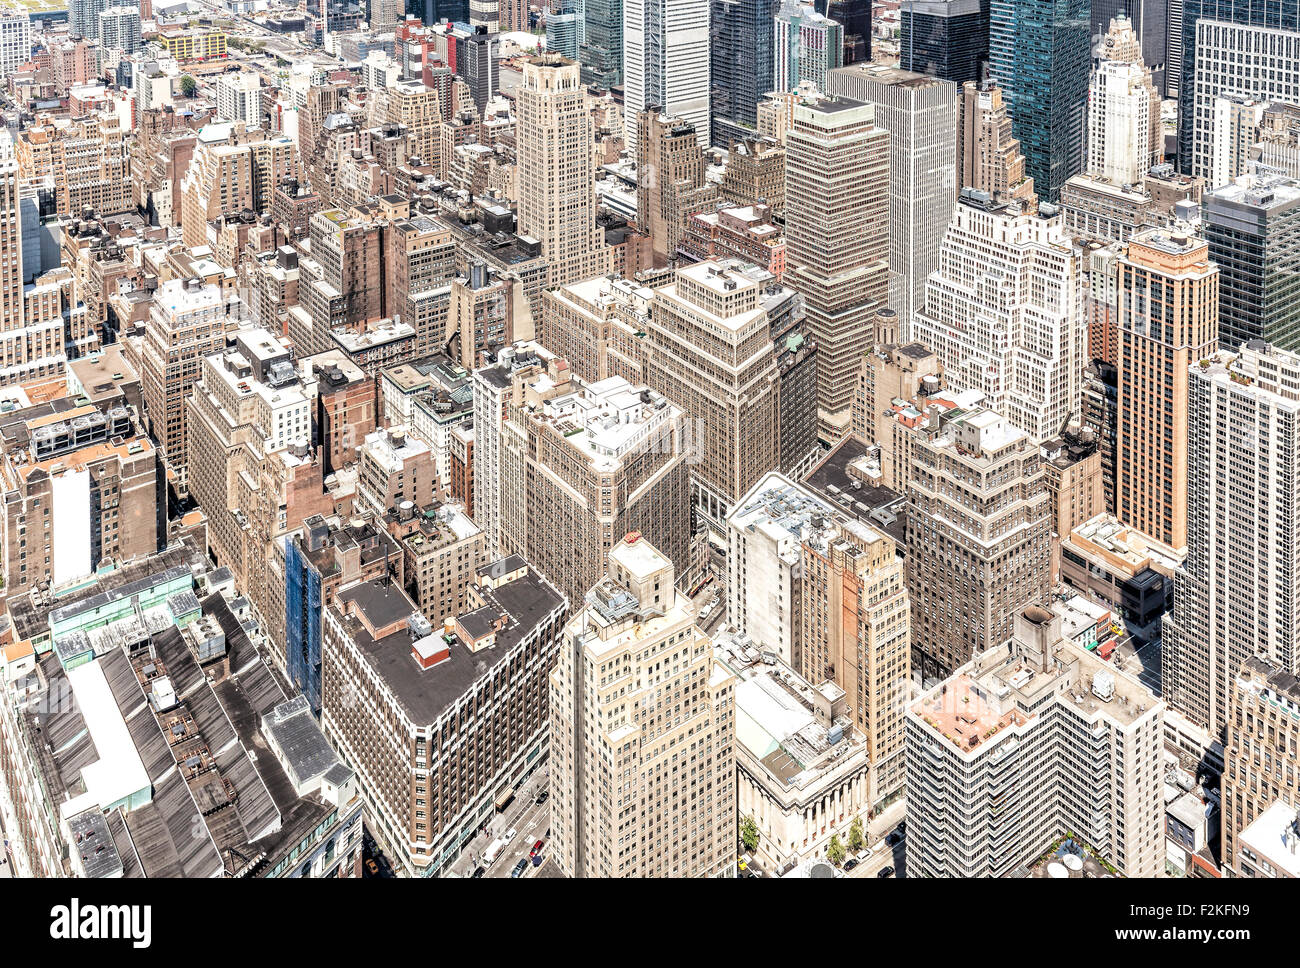 Luftaufnahme der Innenstadt von Manhattan, NYC, USA. Stockbild